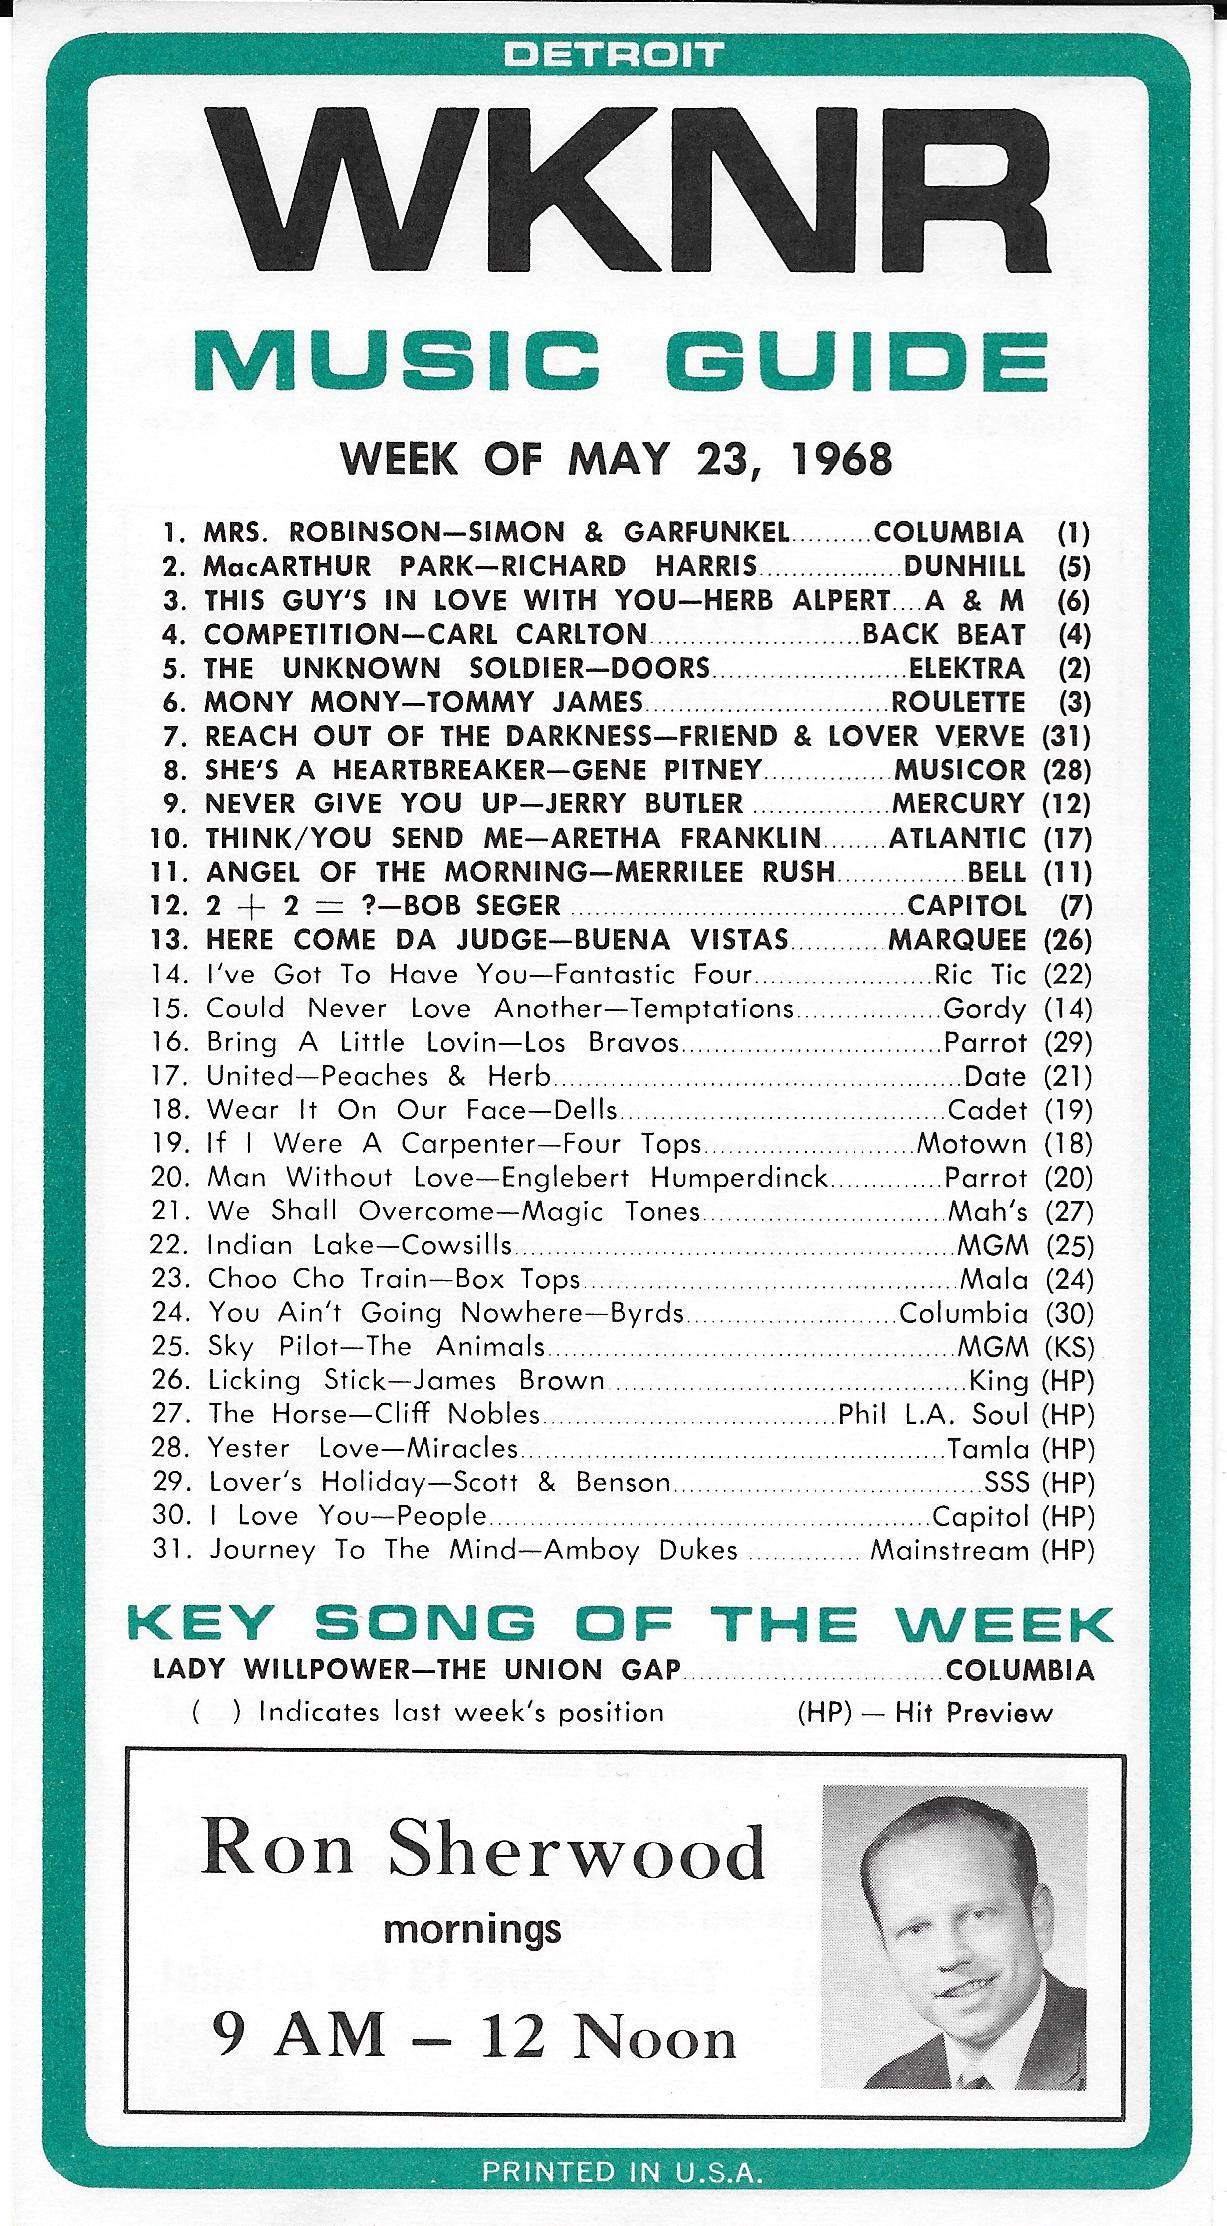 WKNR DETROIT TOP 31 KEENER HITS THIS WEEK IN 1968